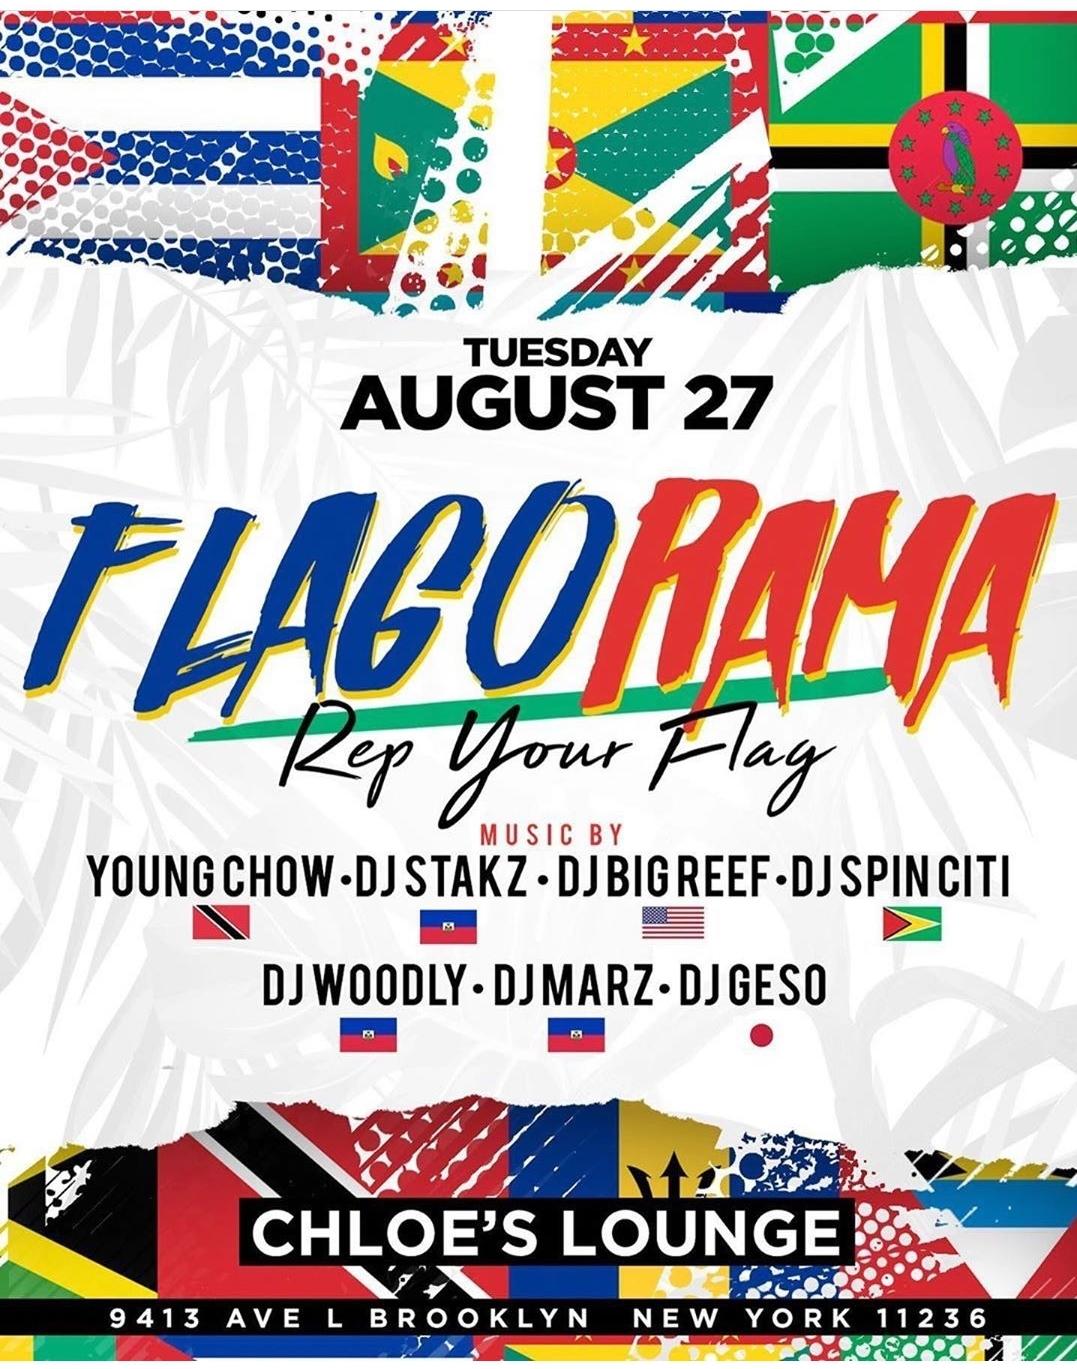 Flago Rama - Rep Your Flag - August 27.jpg